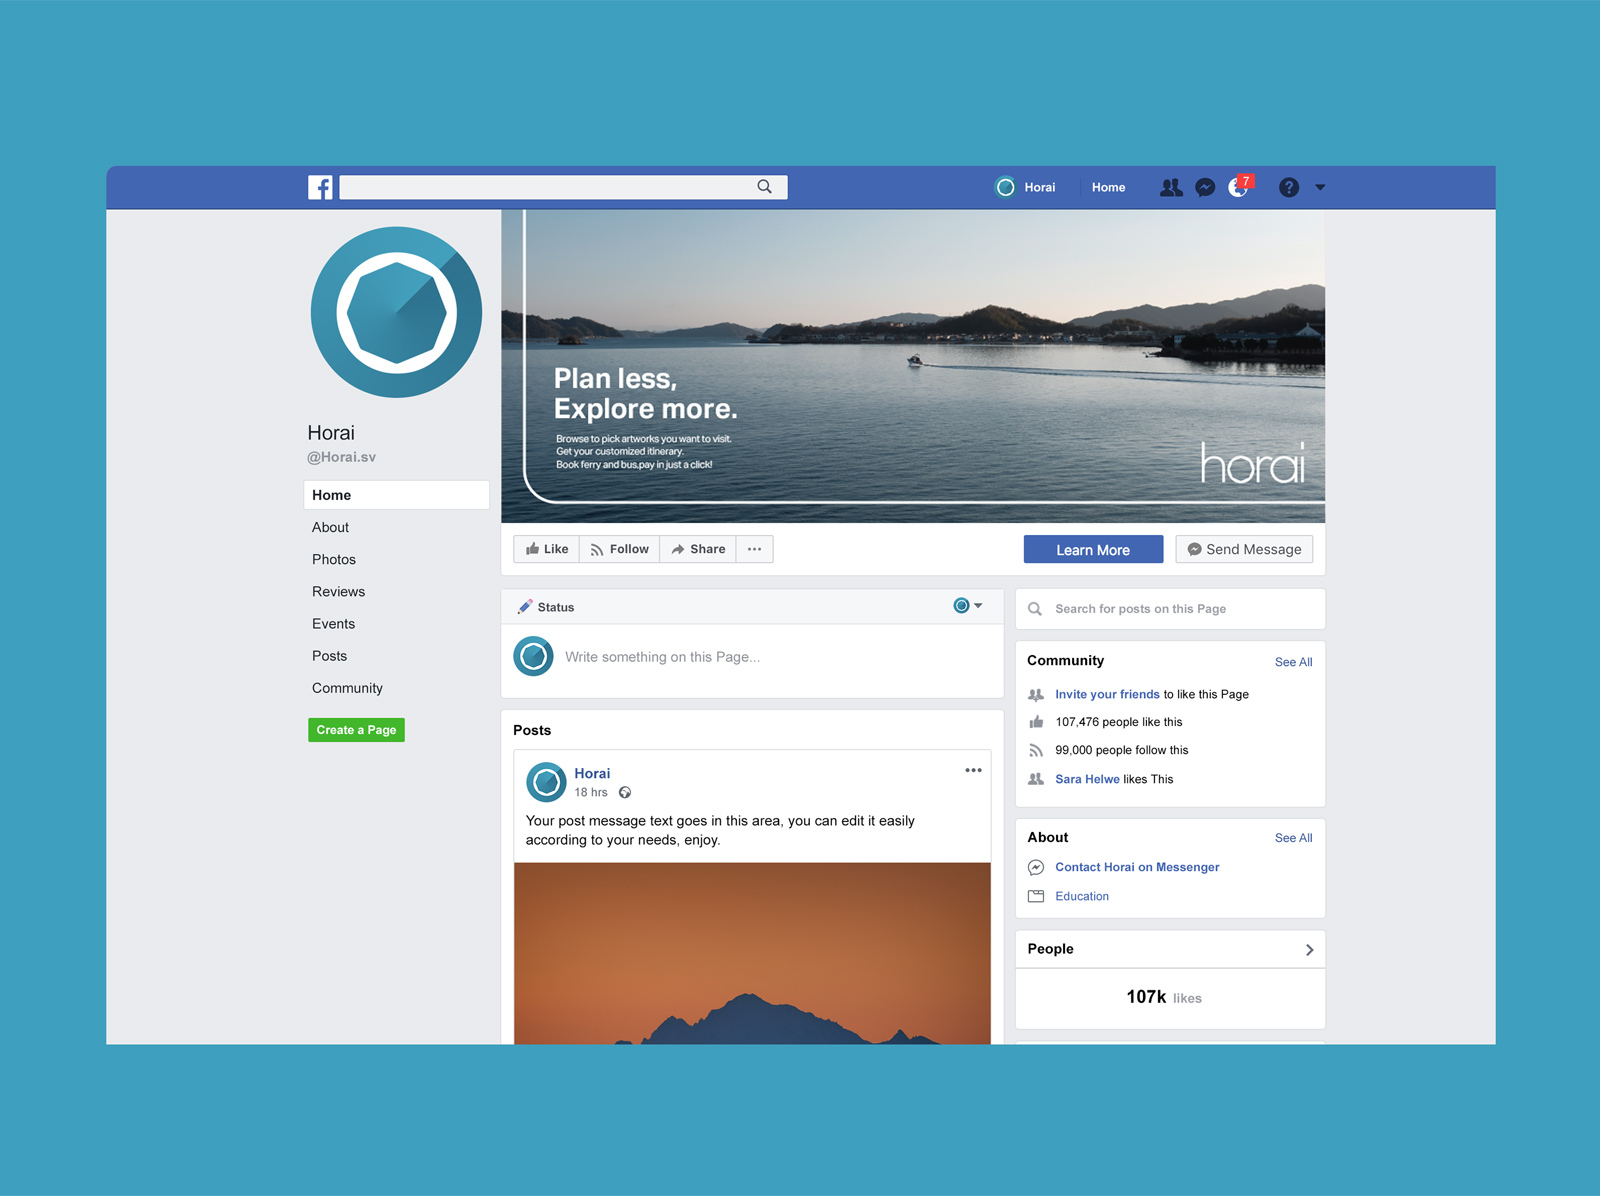 HoraiのFacebookページのイメージ